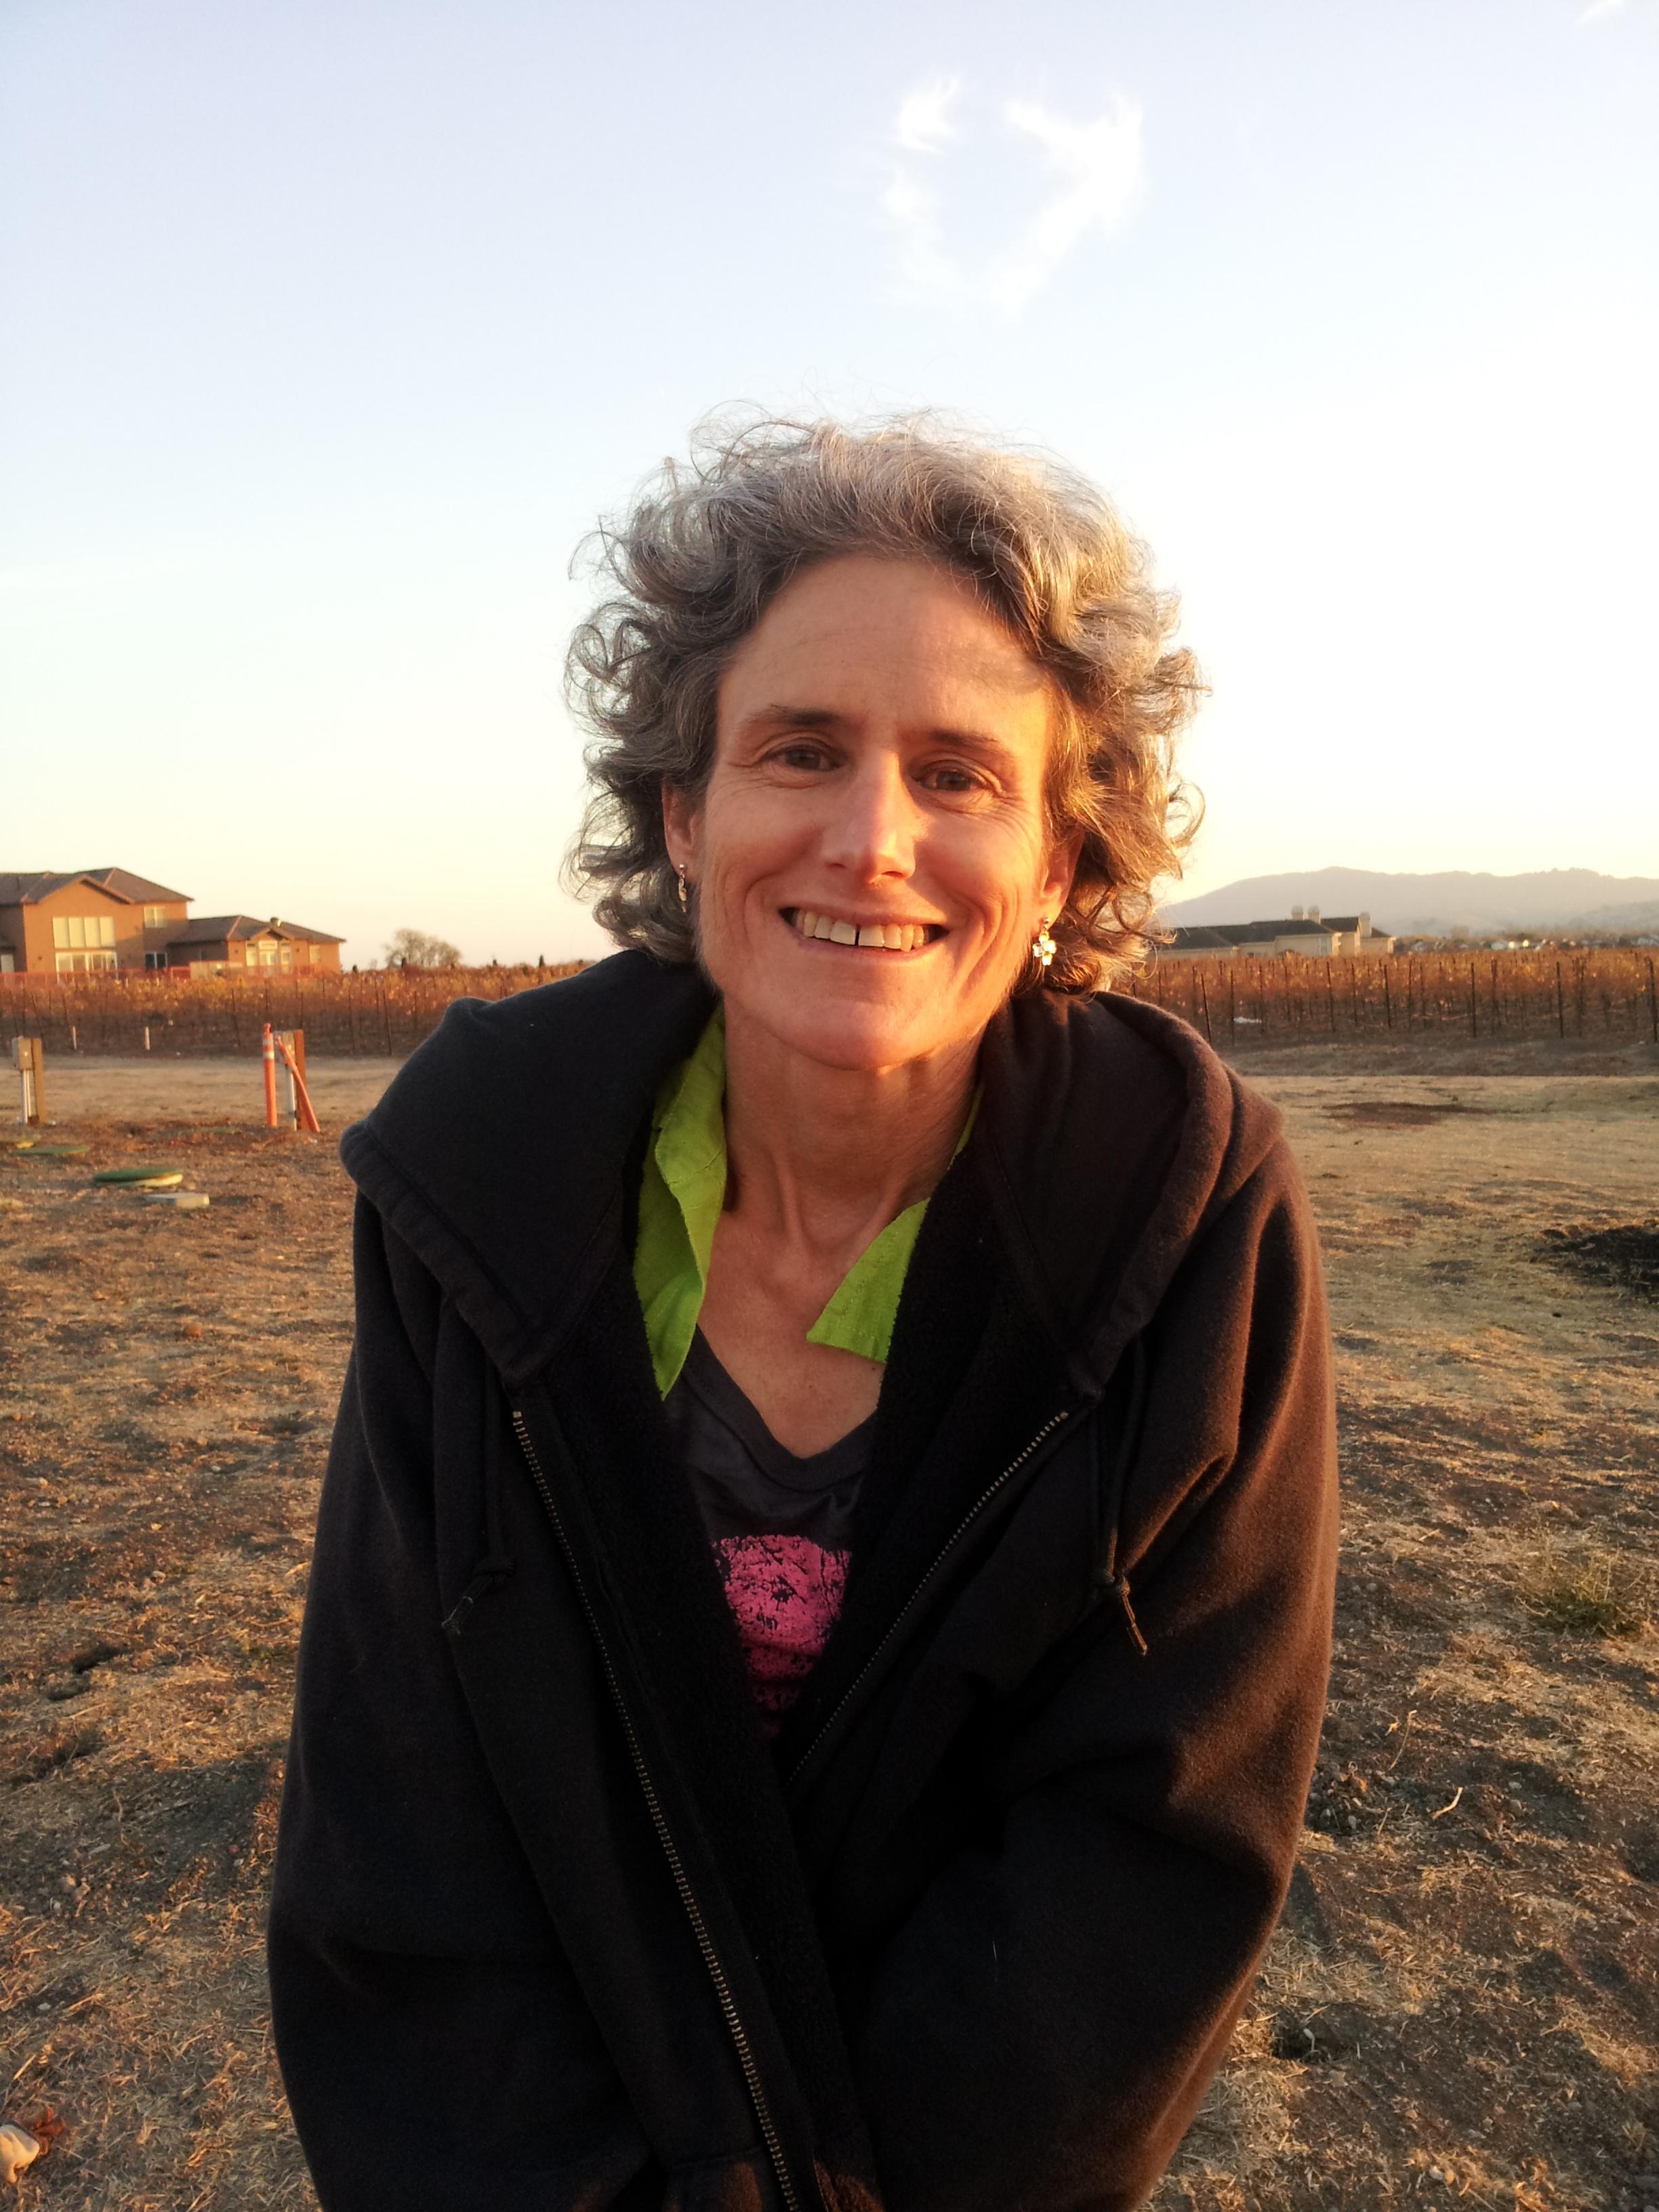 Ann Bertucci